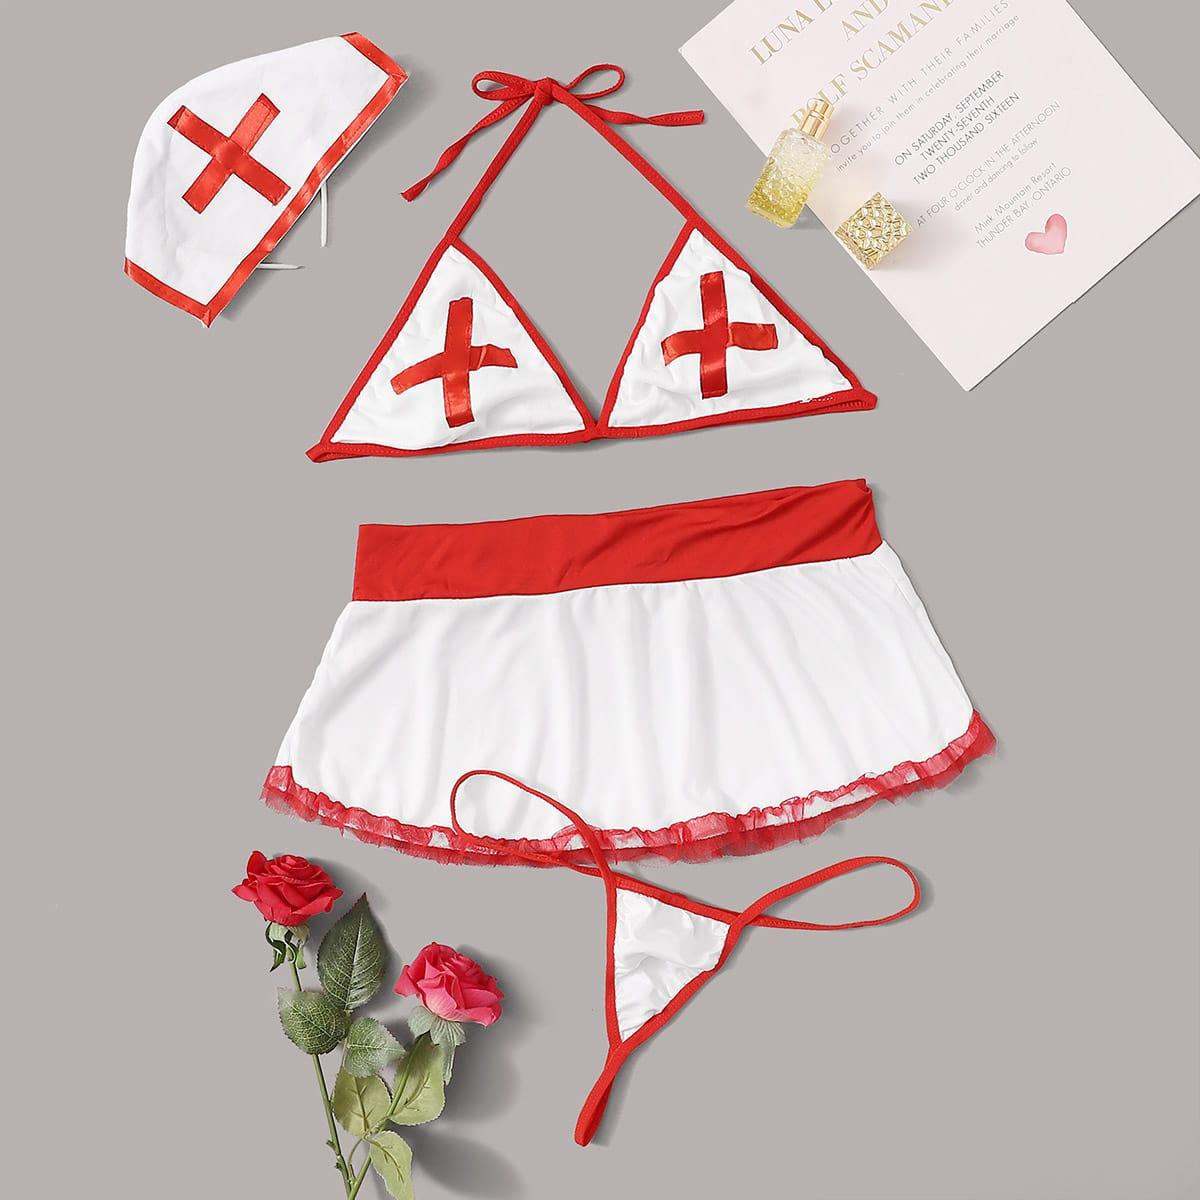 4 пакета повязка на голову и комплект костюма медсестры с халтером от SHEIN